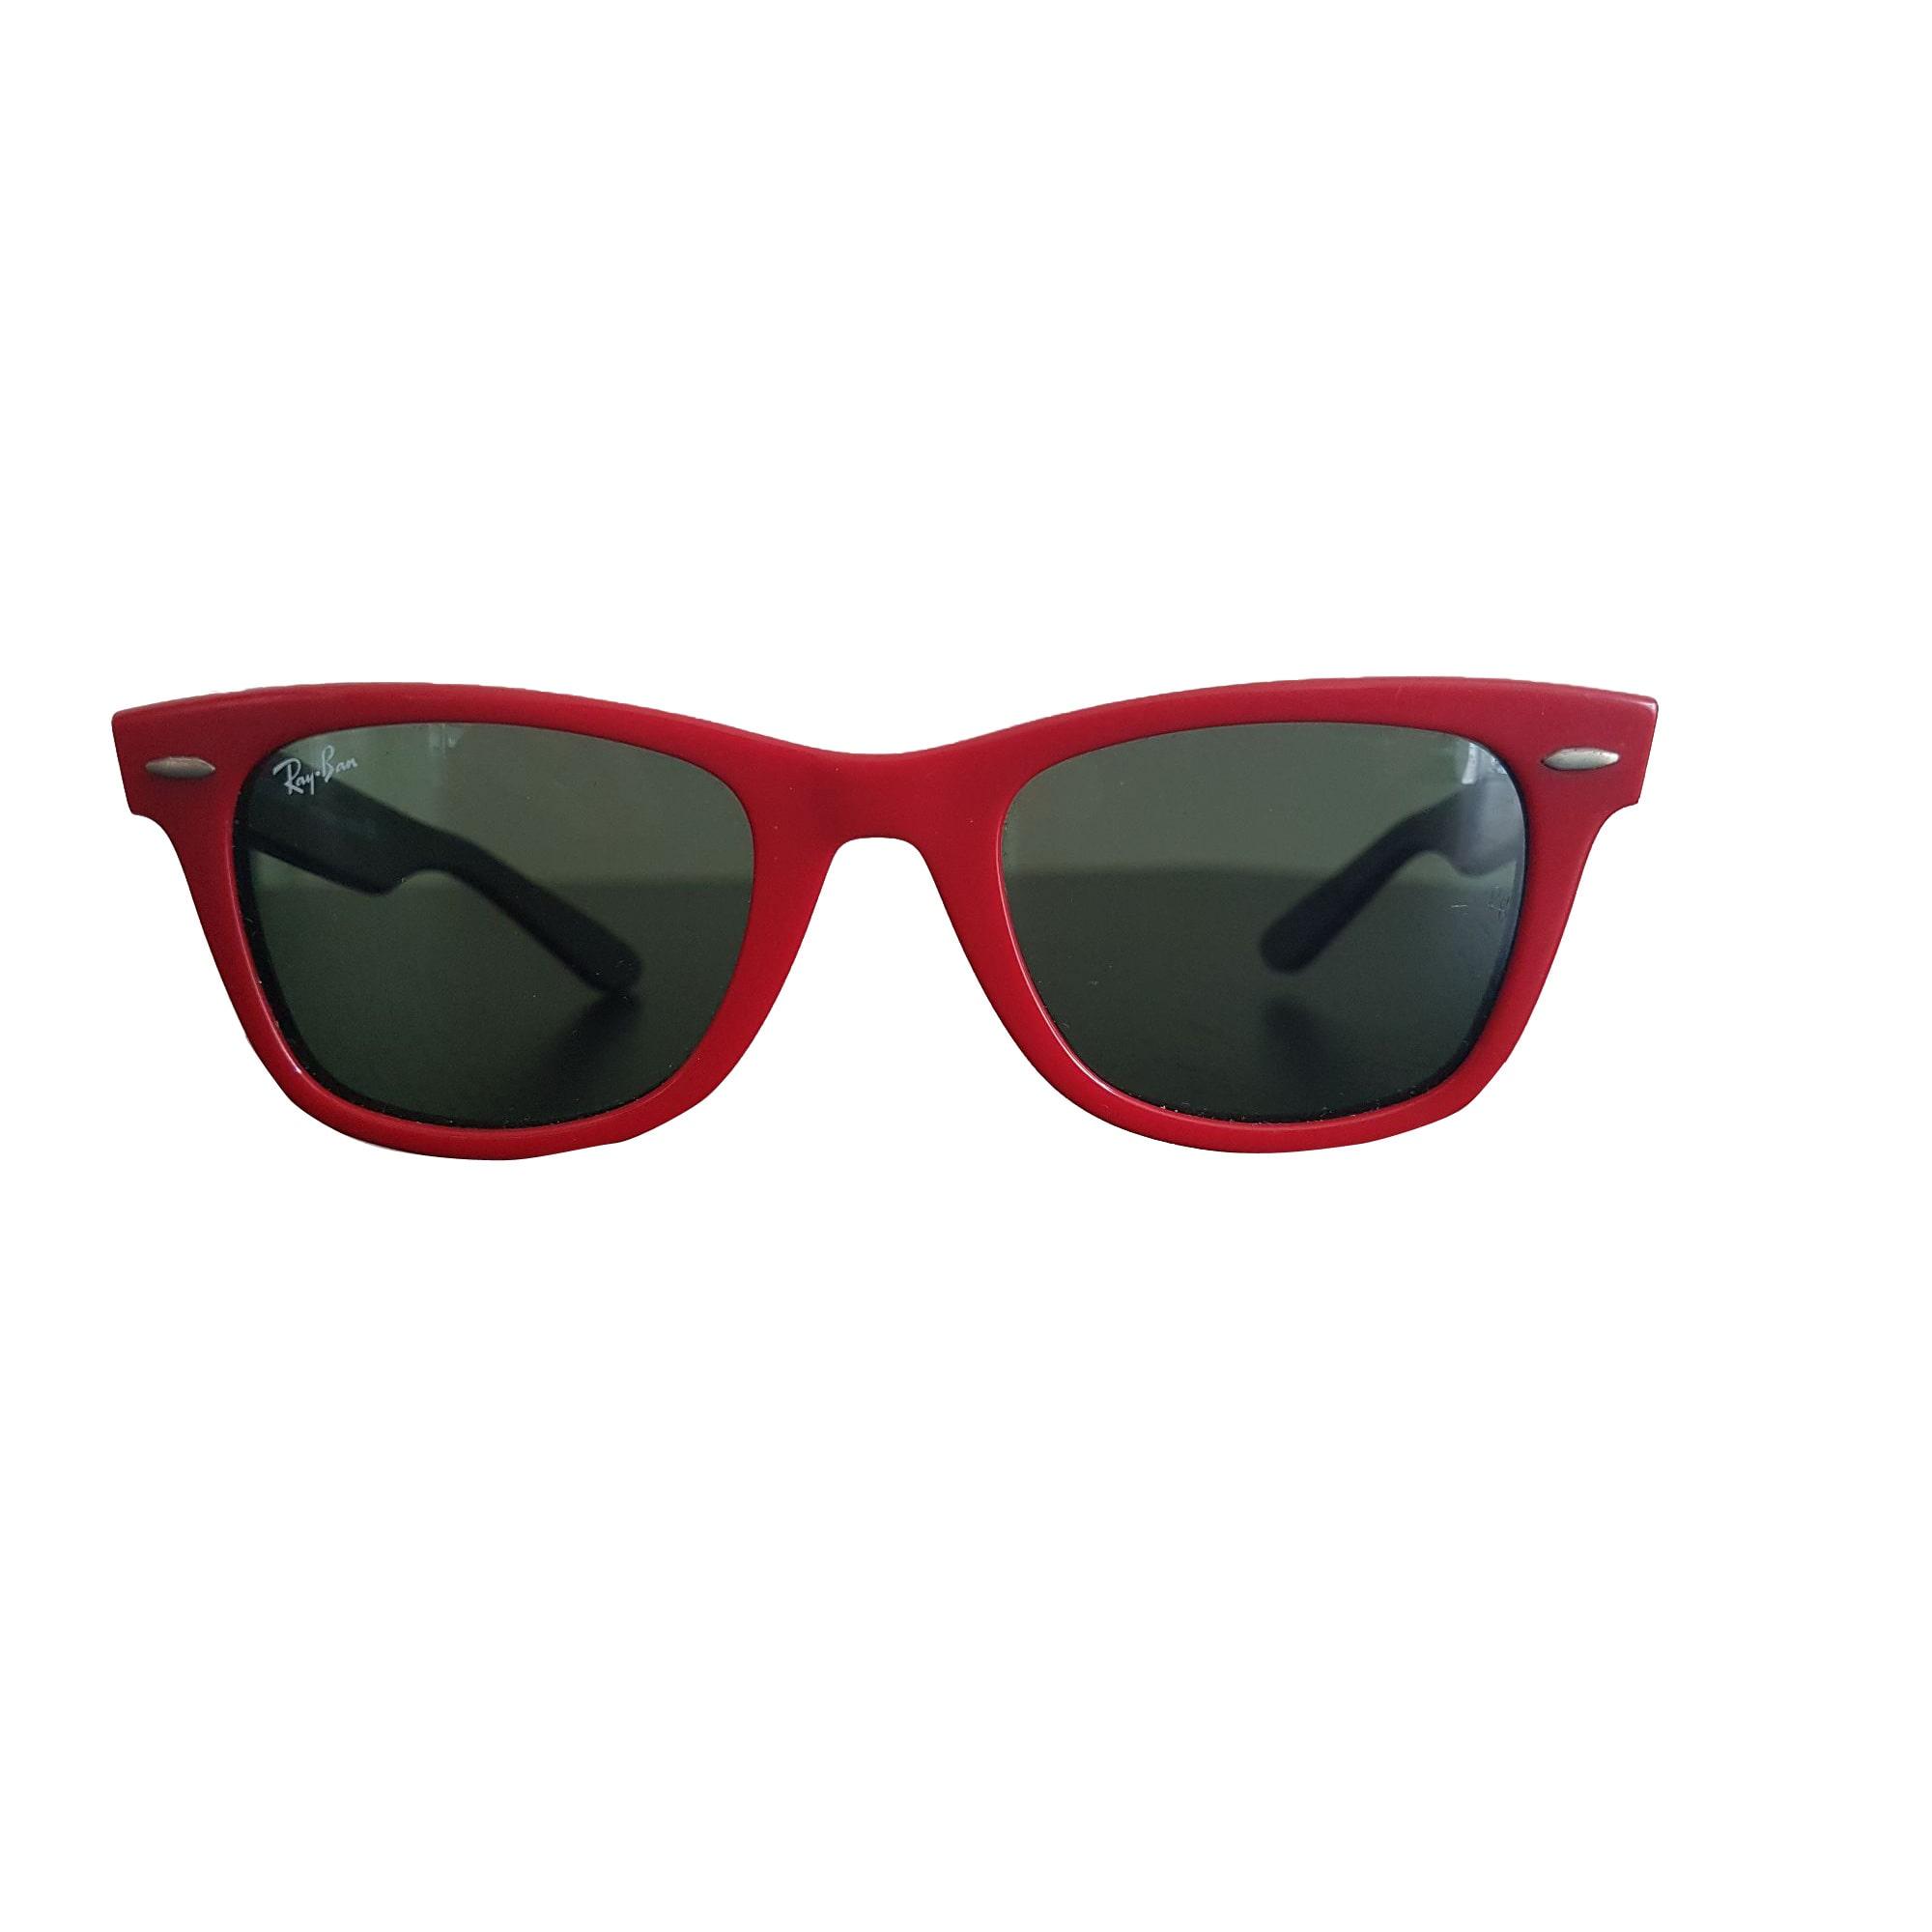 8e6964166534d2 Lunettes de soleil RAY-BAN rouge - 7740275